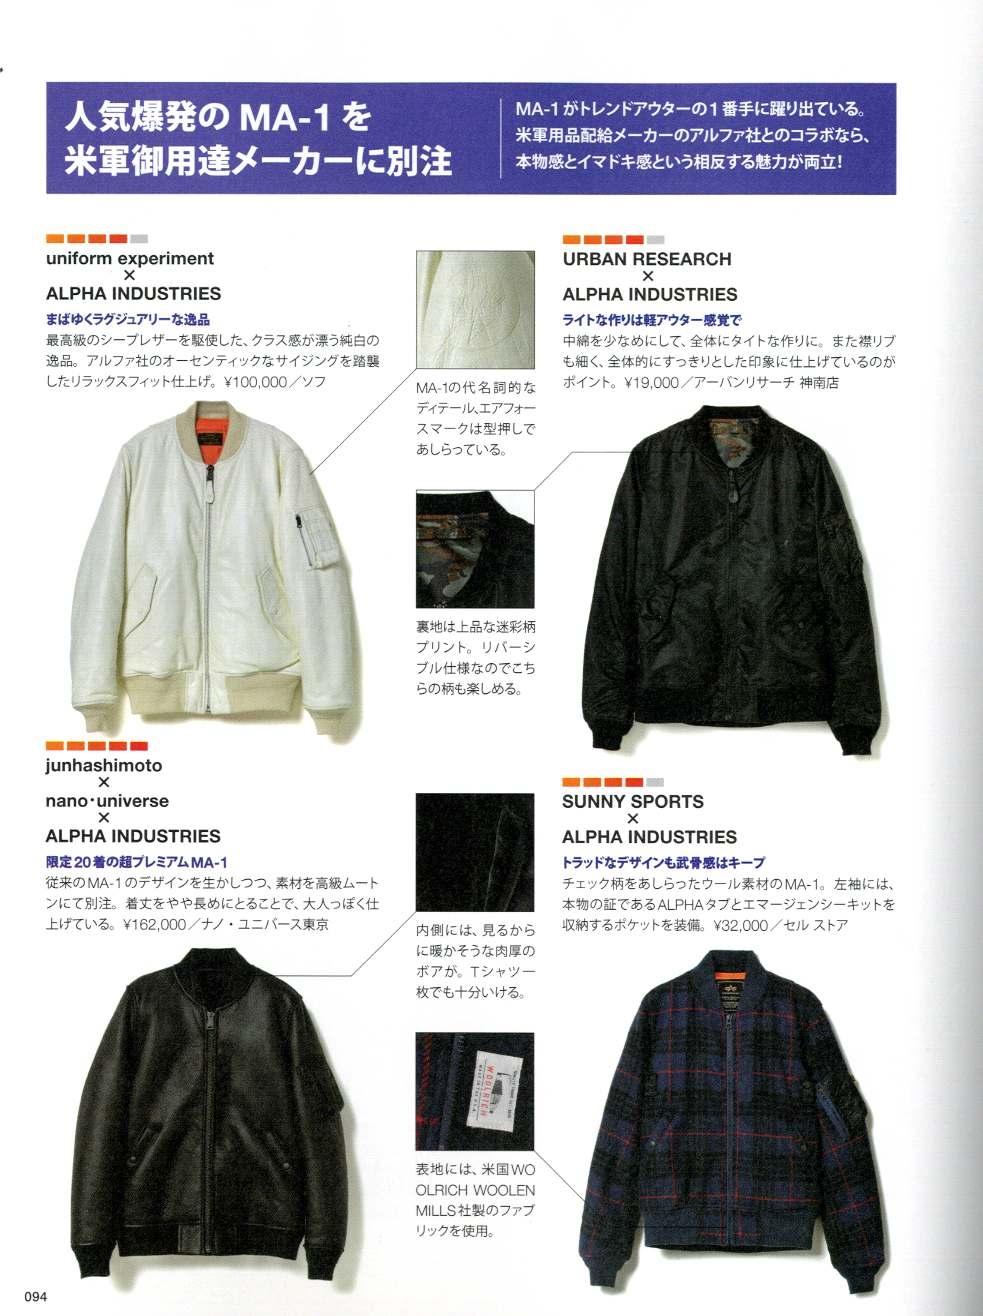 HUGE NOVEMBER ISSUE CEL1103.jpg